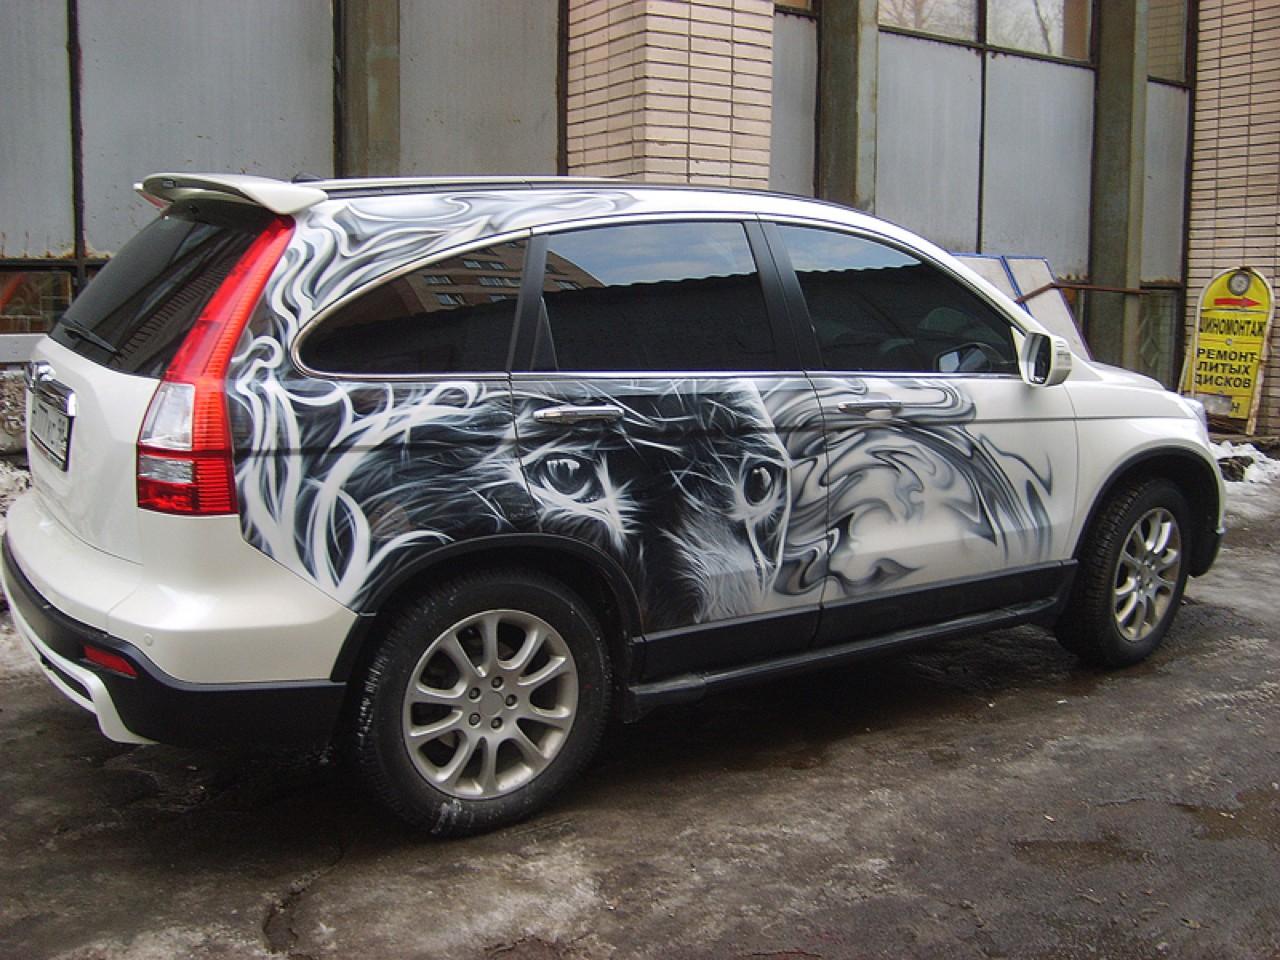 سيارات رائعة بلوحات فنية طبيعية اروع Russia-airbrush-cars-20